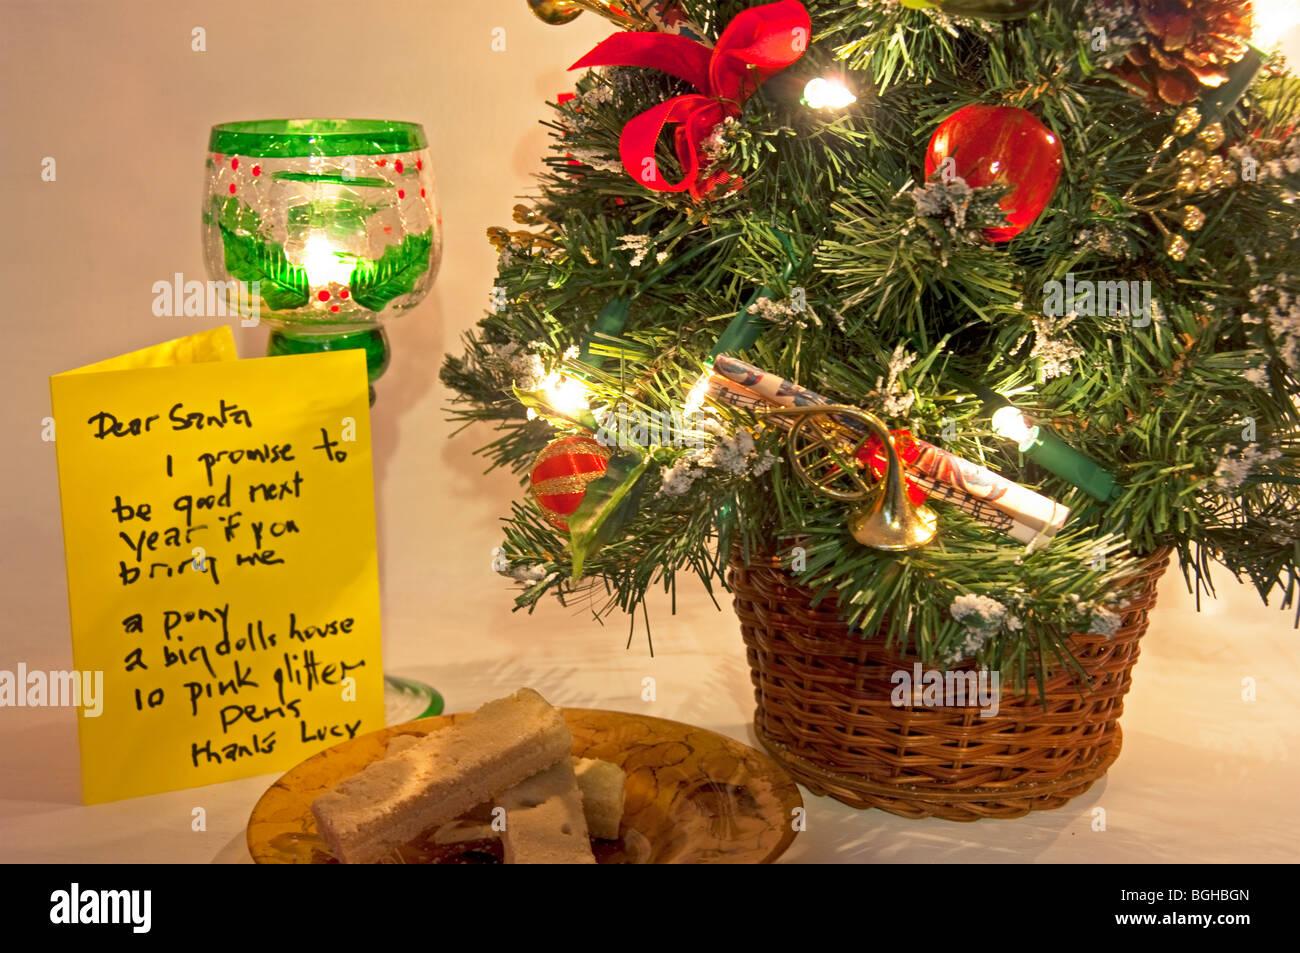 Santa note, Christmas home fireside, December, 2009 - Stock Image